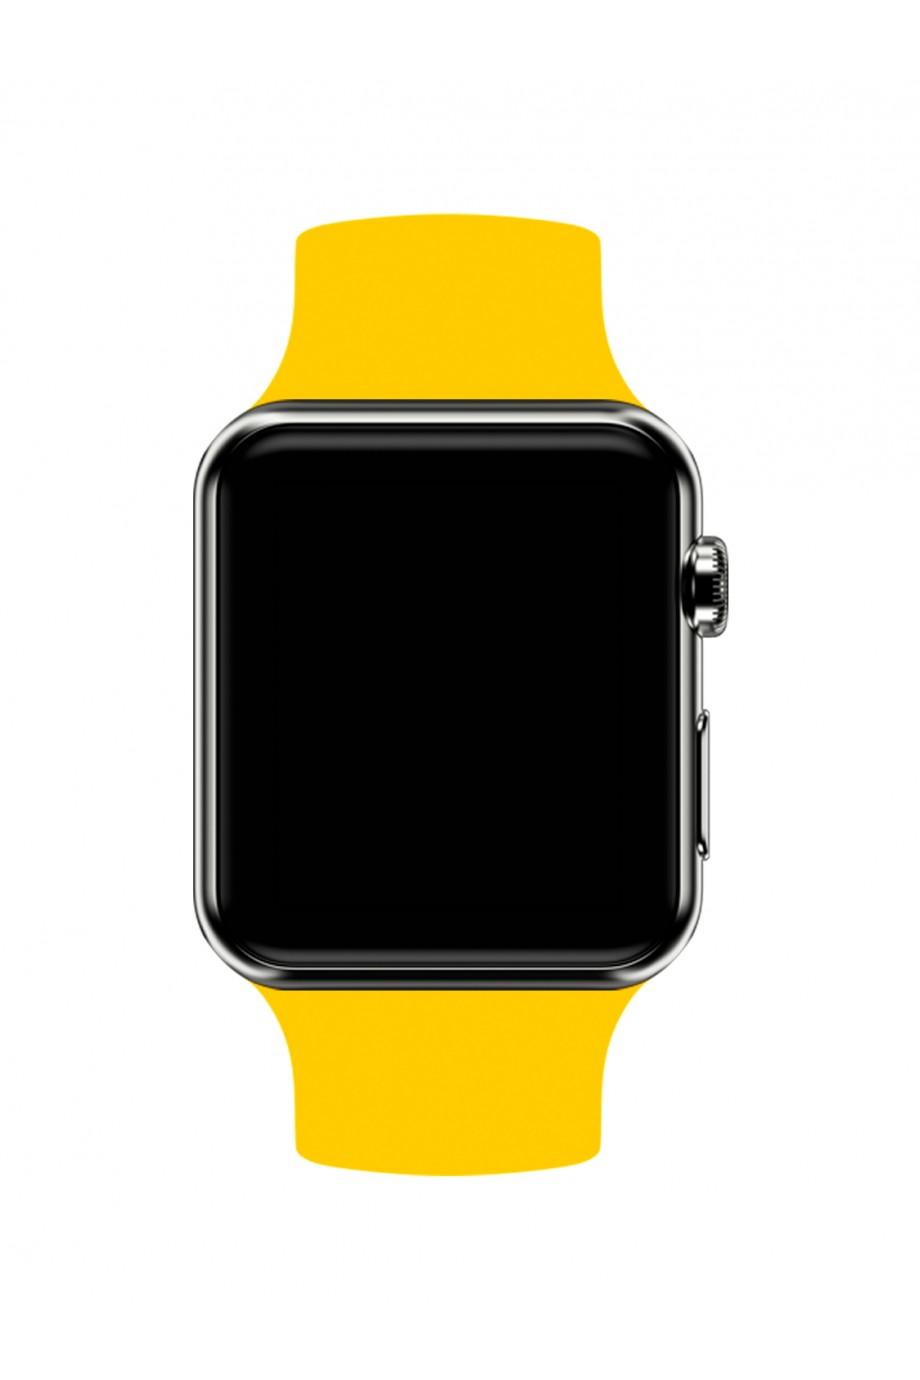 Силиконовый ремешок для Apple Watch 4/5 40 мм, желтый